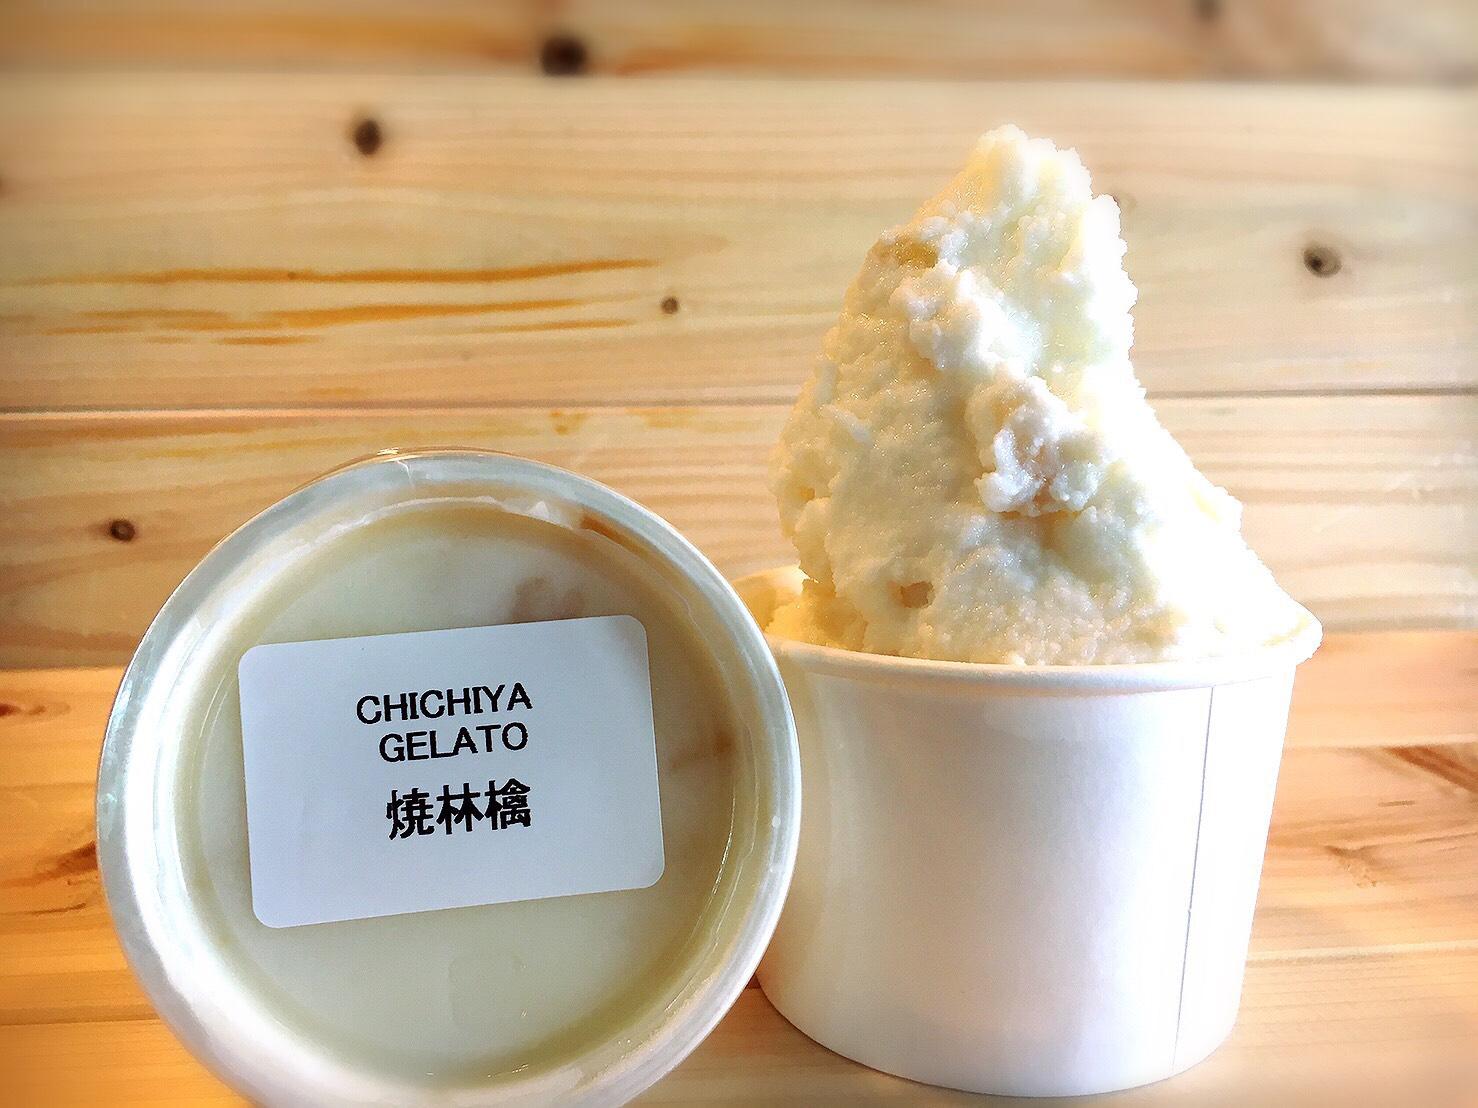 CHICHIYAのジェラート 焼林檎